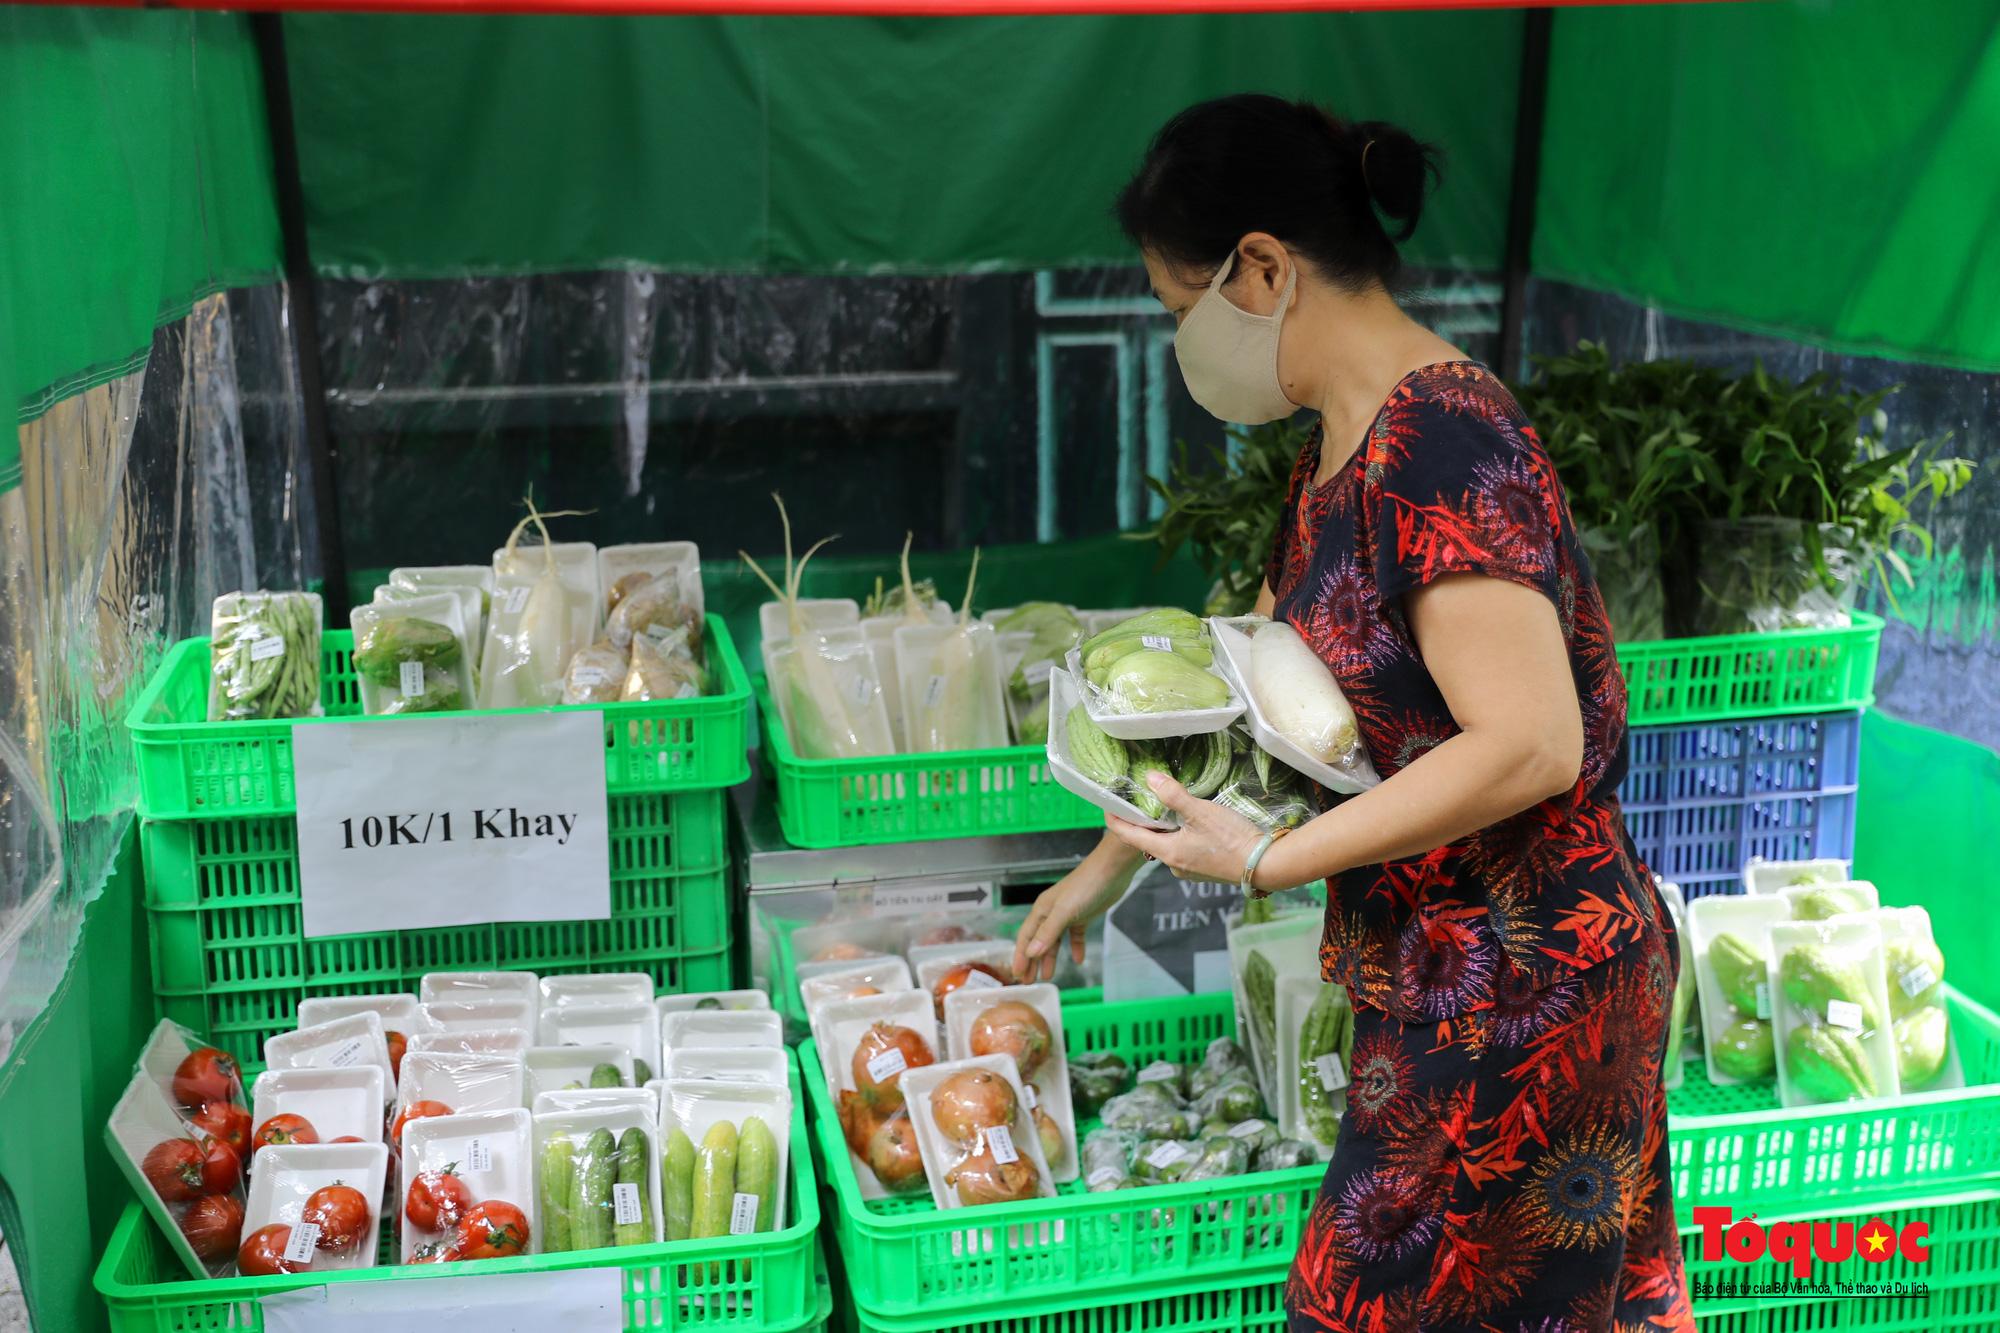 Hà Nội: Cửa hàng thiết yếu không người bán, người mua cũng không cần phải trả tiền ngay - Ảnh 4.